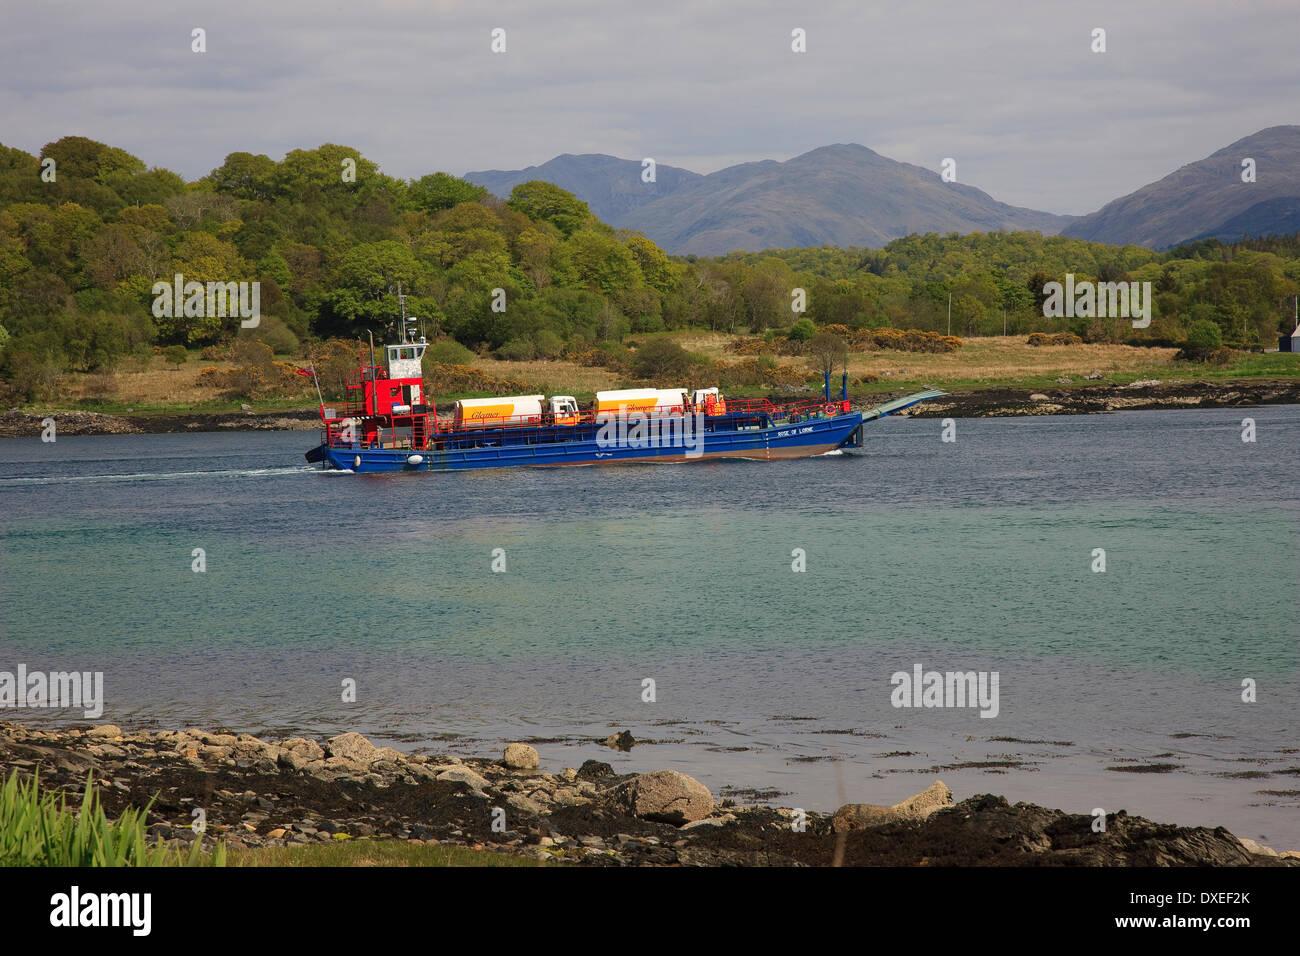 glen sanda quarry barge transportant les pétroliers, loch creran